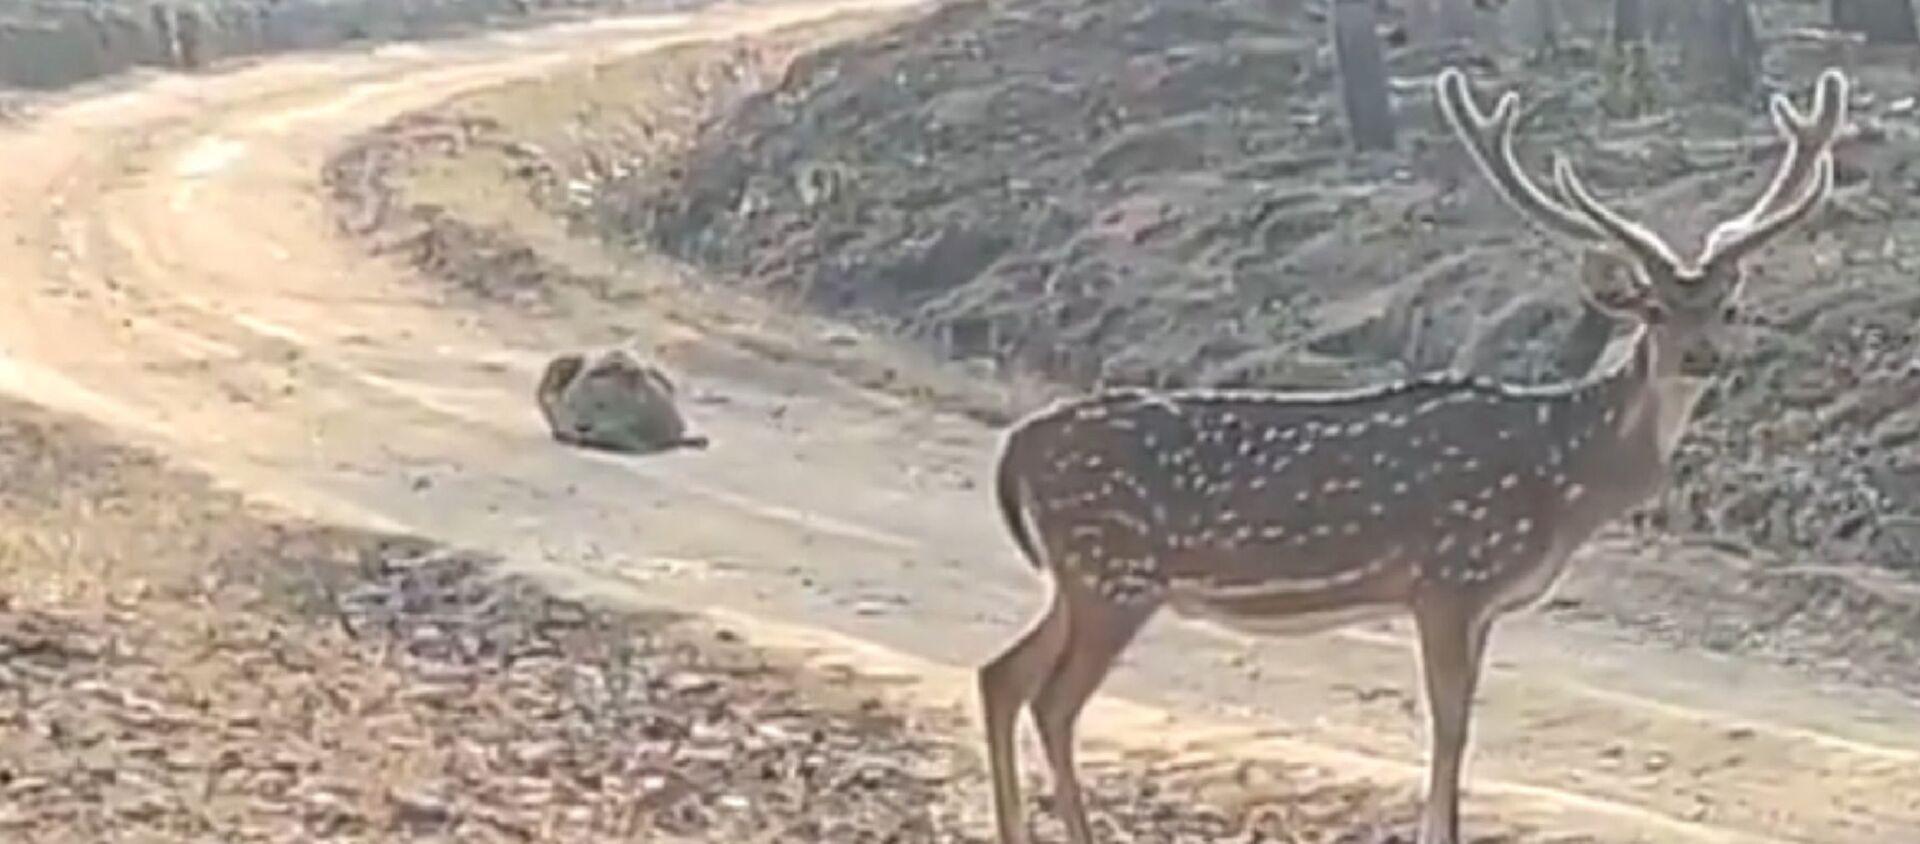 Un furbo cacciatore: tigre si finge una pietra per catturare un cervo - Sputnik Italia, 1920, 17.02.2021